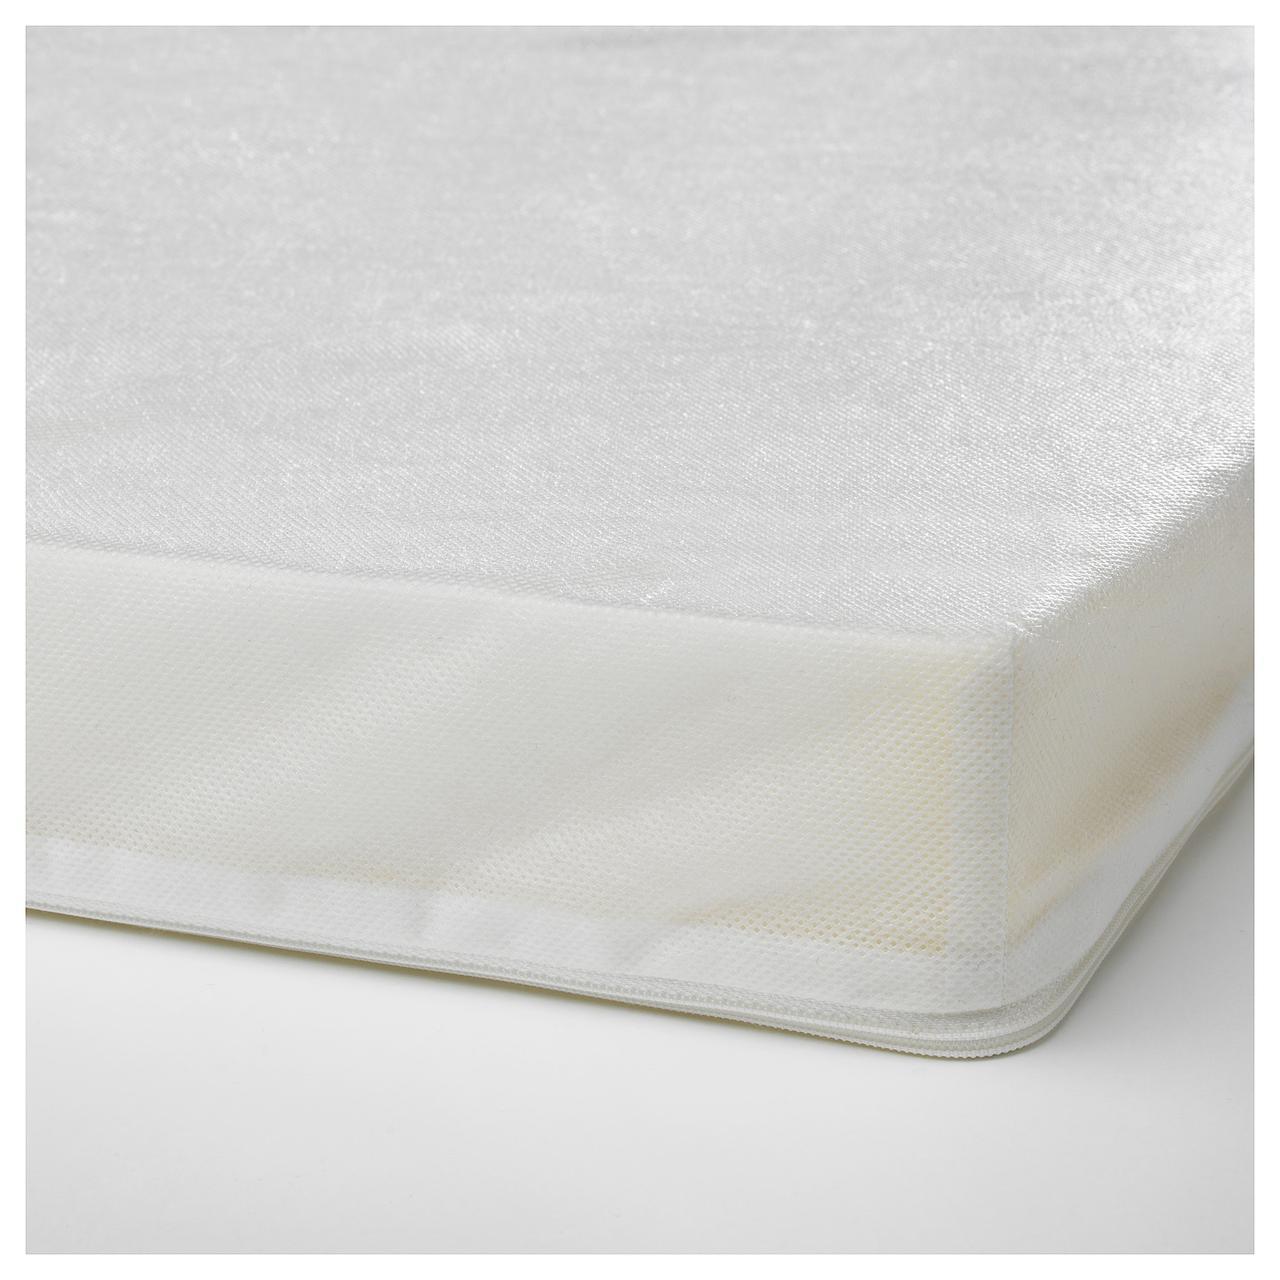 IKEAUTTEN (503.393.91) Пенистый матрац для раздвижной кровати